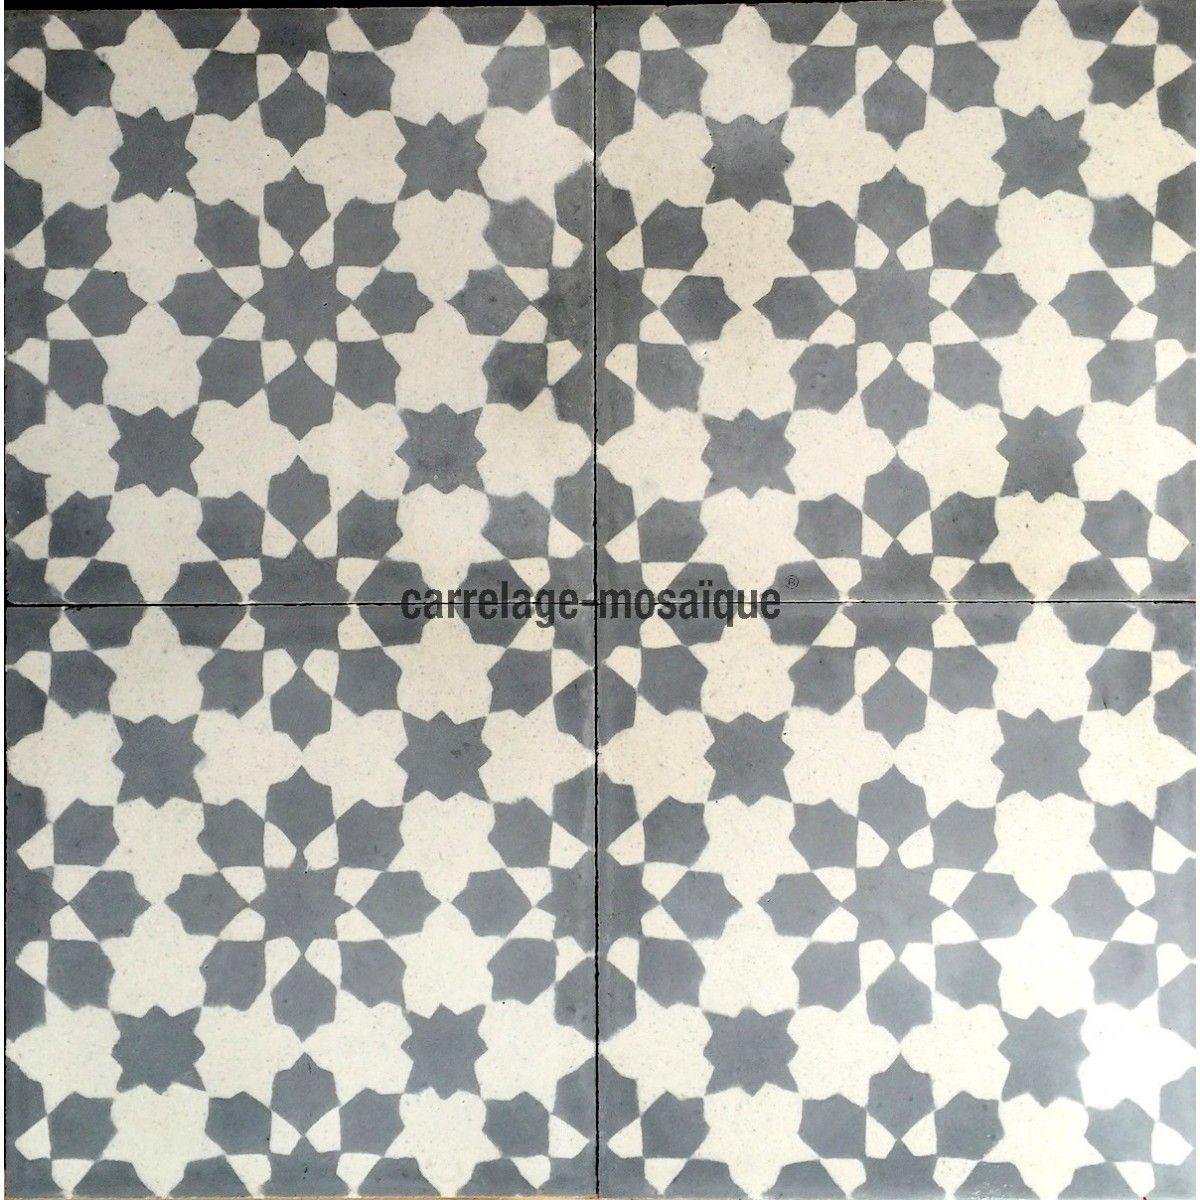 carreaux carrelage ciment 1m2 modele prisma gris carrelage mosaique carreaux ciment. Black Bedroom Furniture Sets. Home Design Ideas